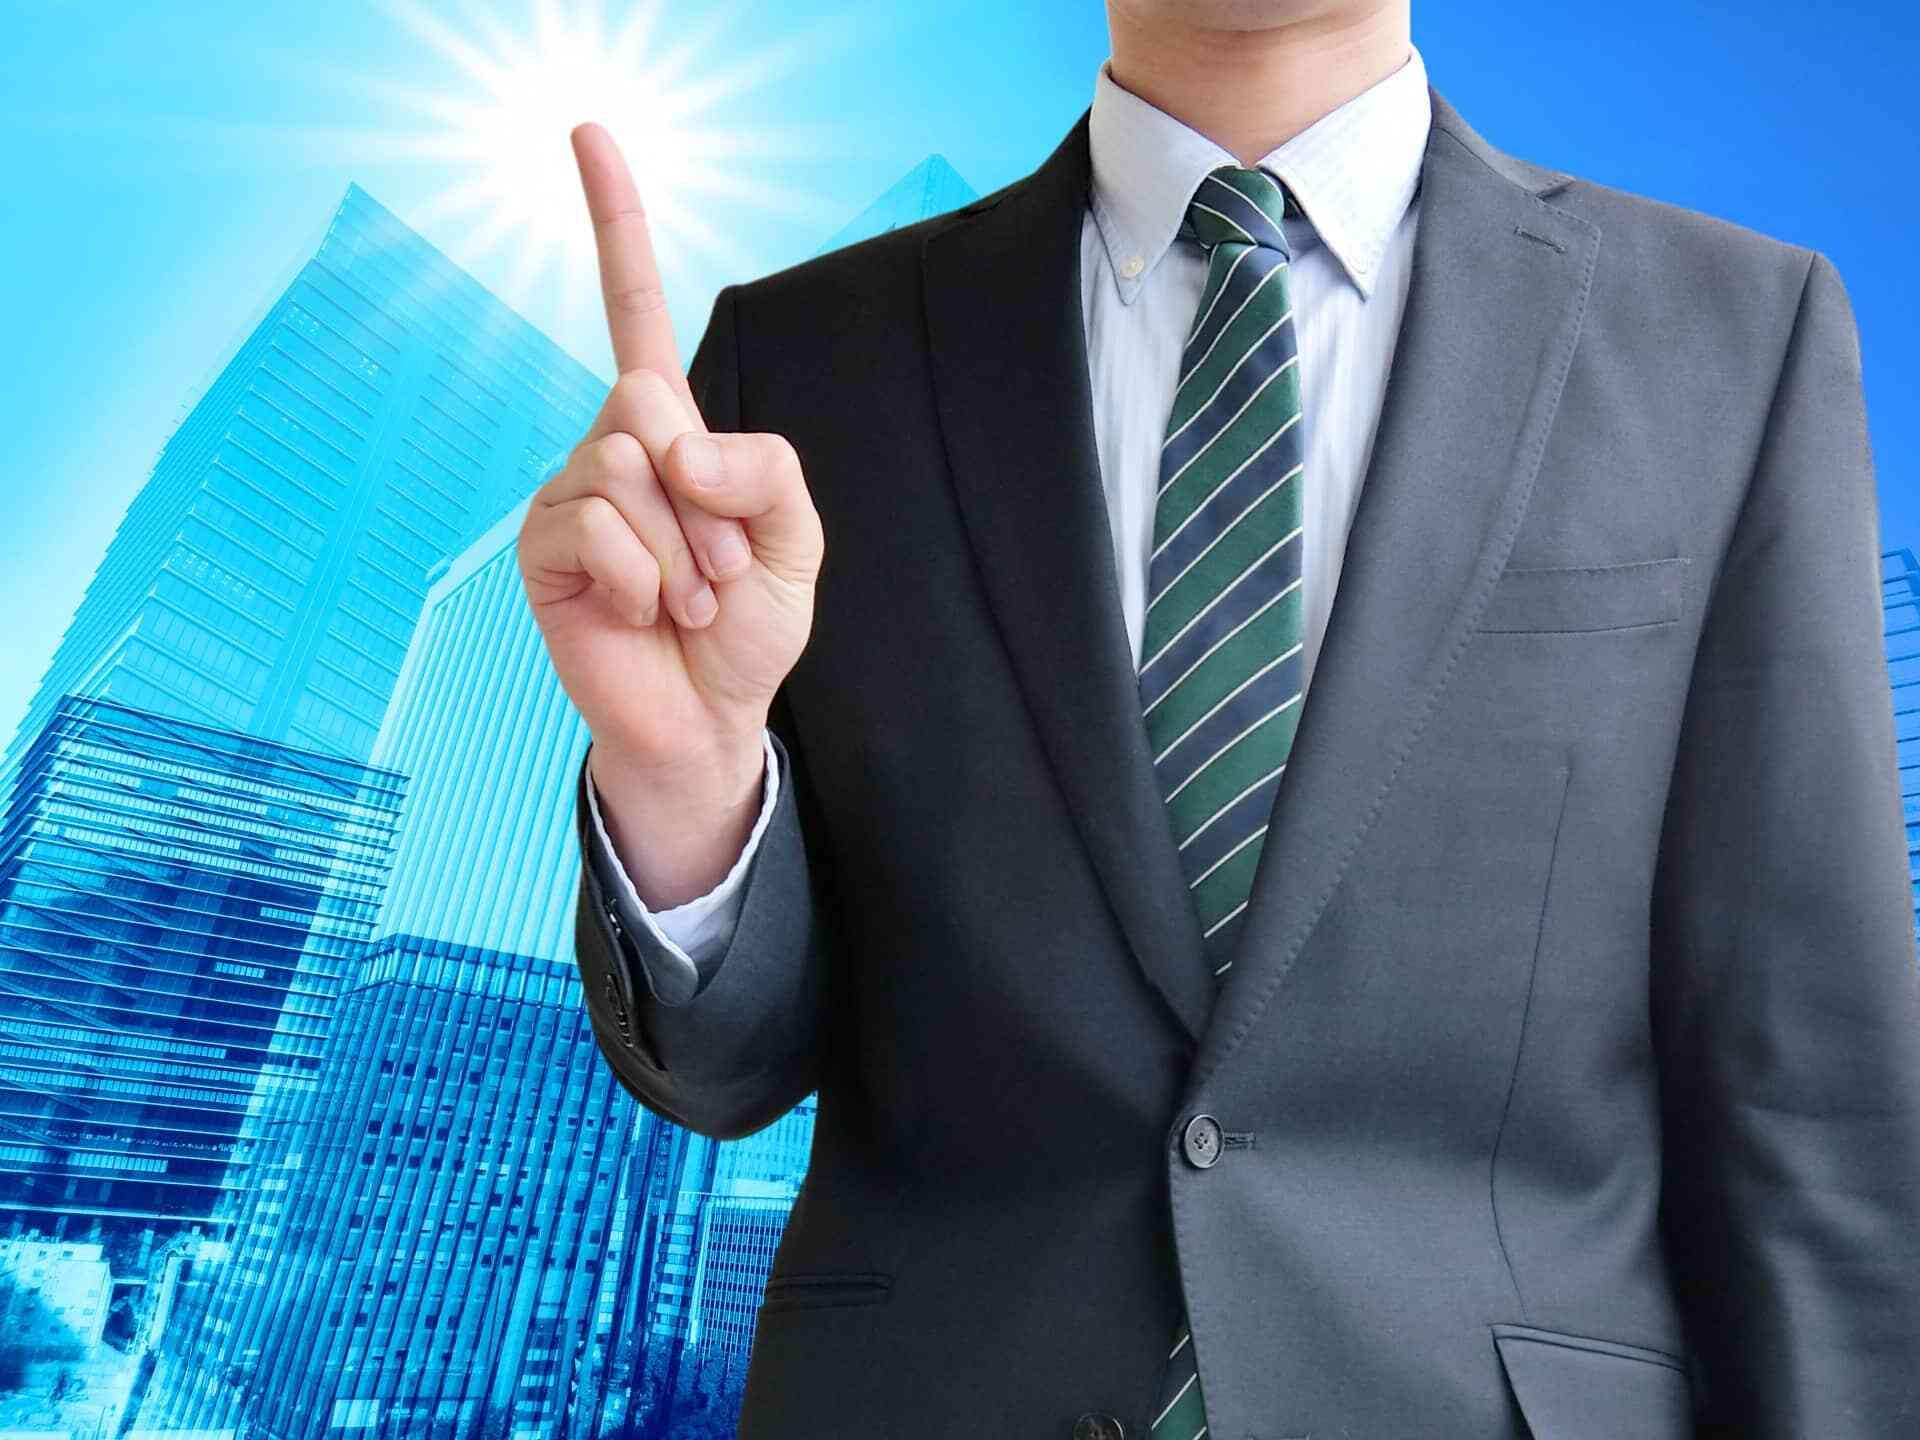 企業選びの軸の具体例を紹介